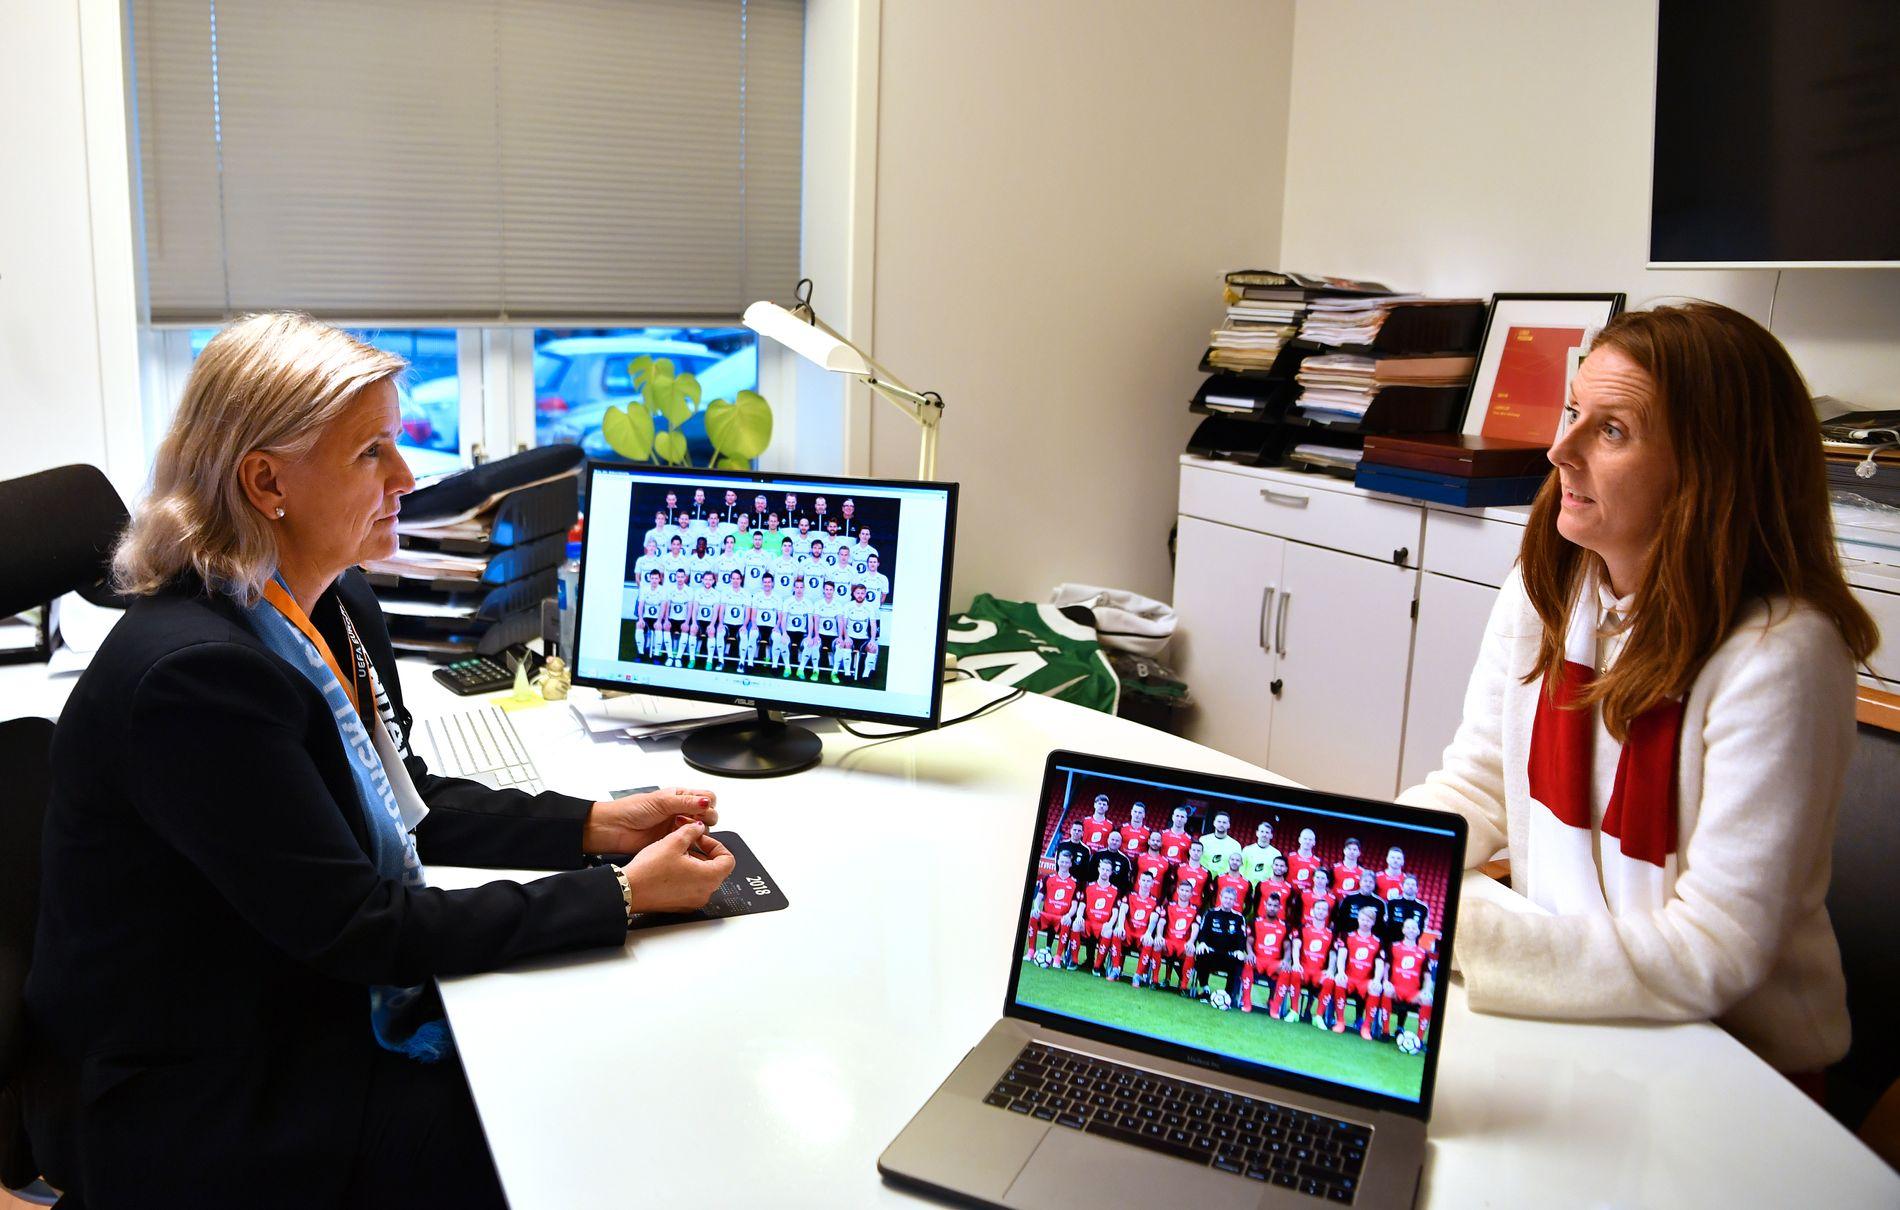 HERRELAG: Tove Dyrhaug Moe og Vibeke Johannessen er daglig ledere i RBK og Brann. De vil foreløpig nøye seg med å ha herrelag i klubbene sine.